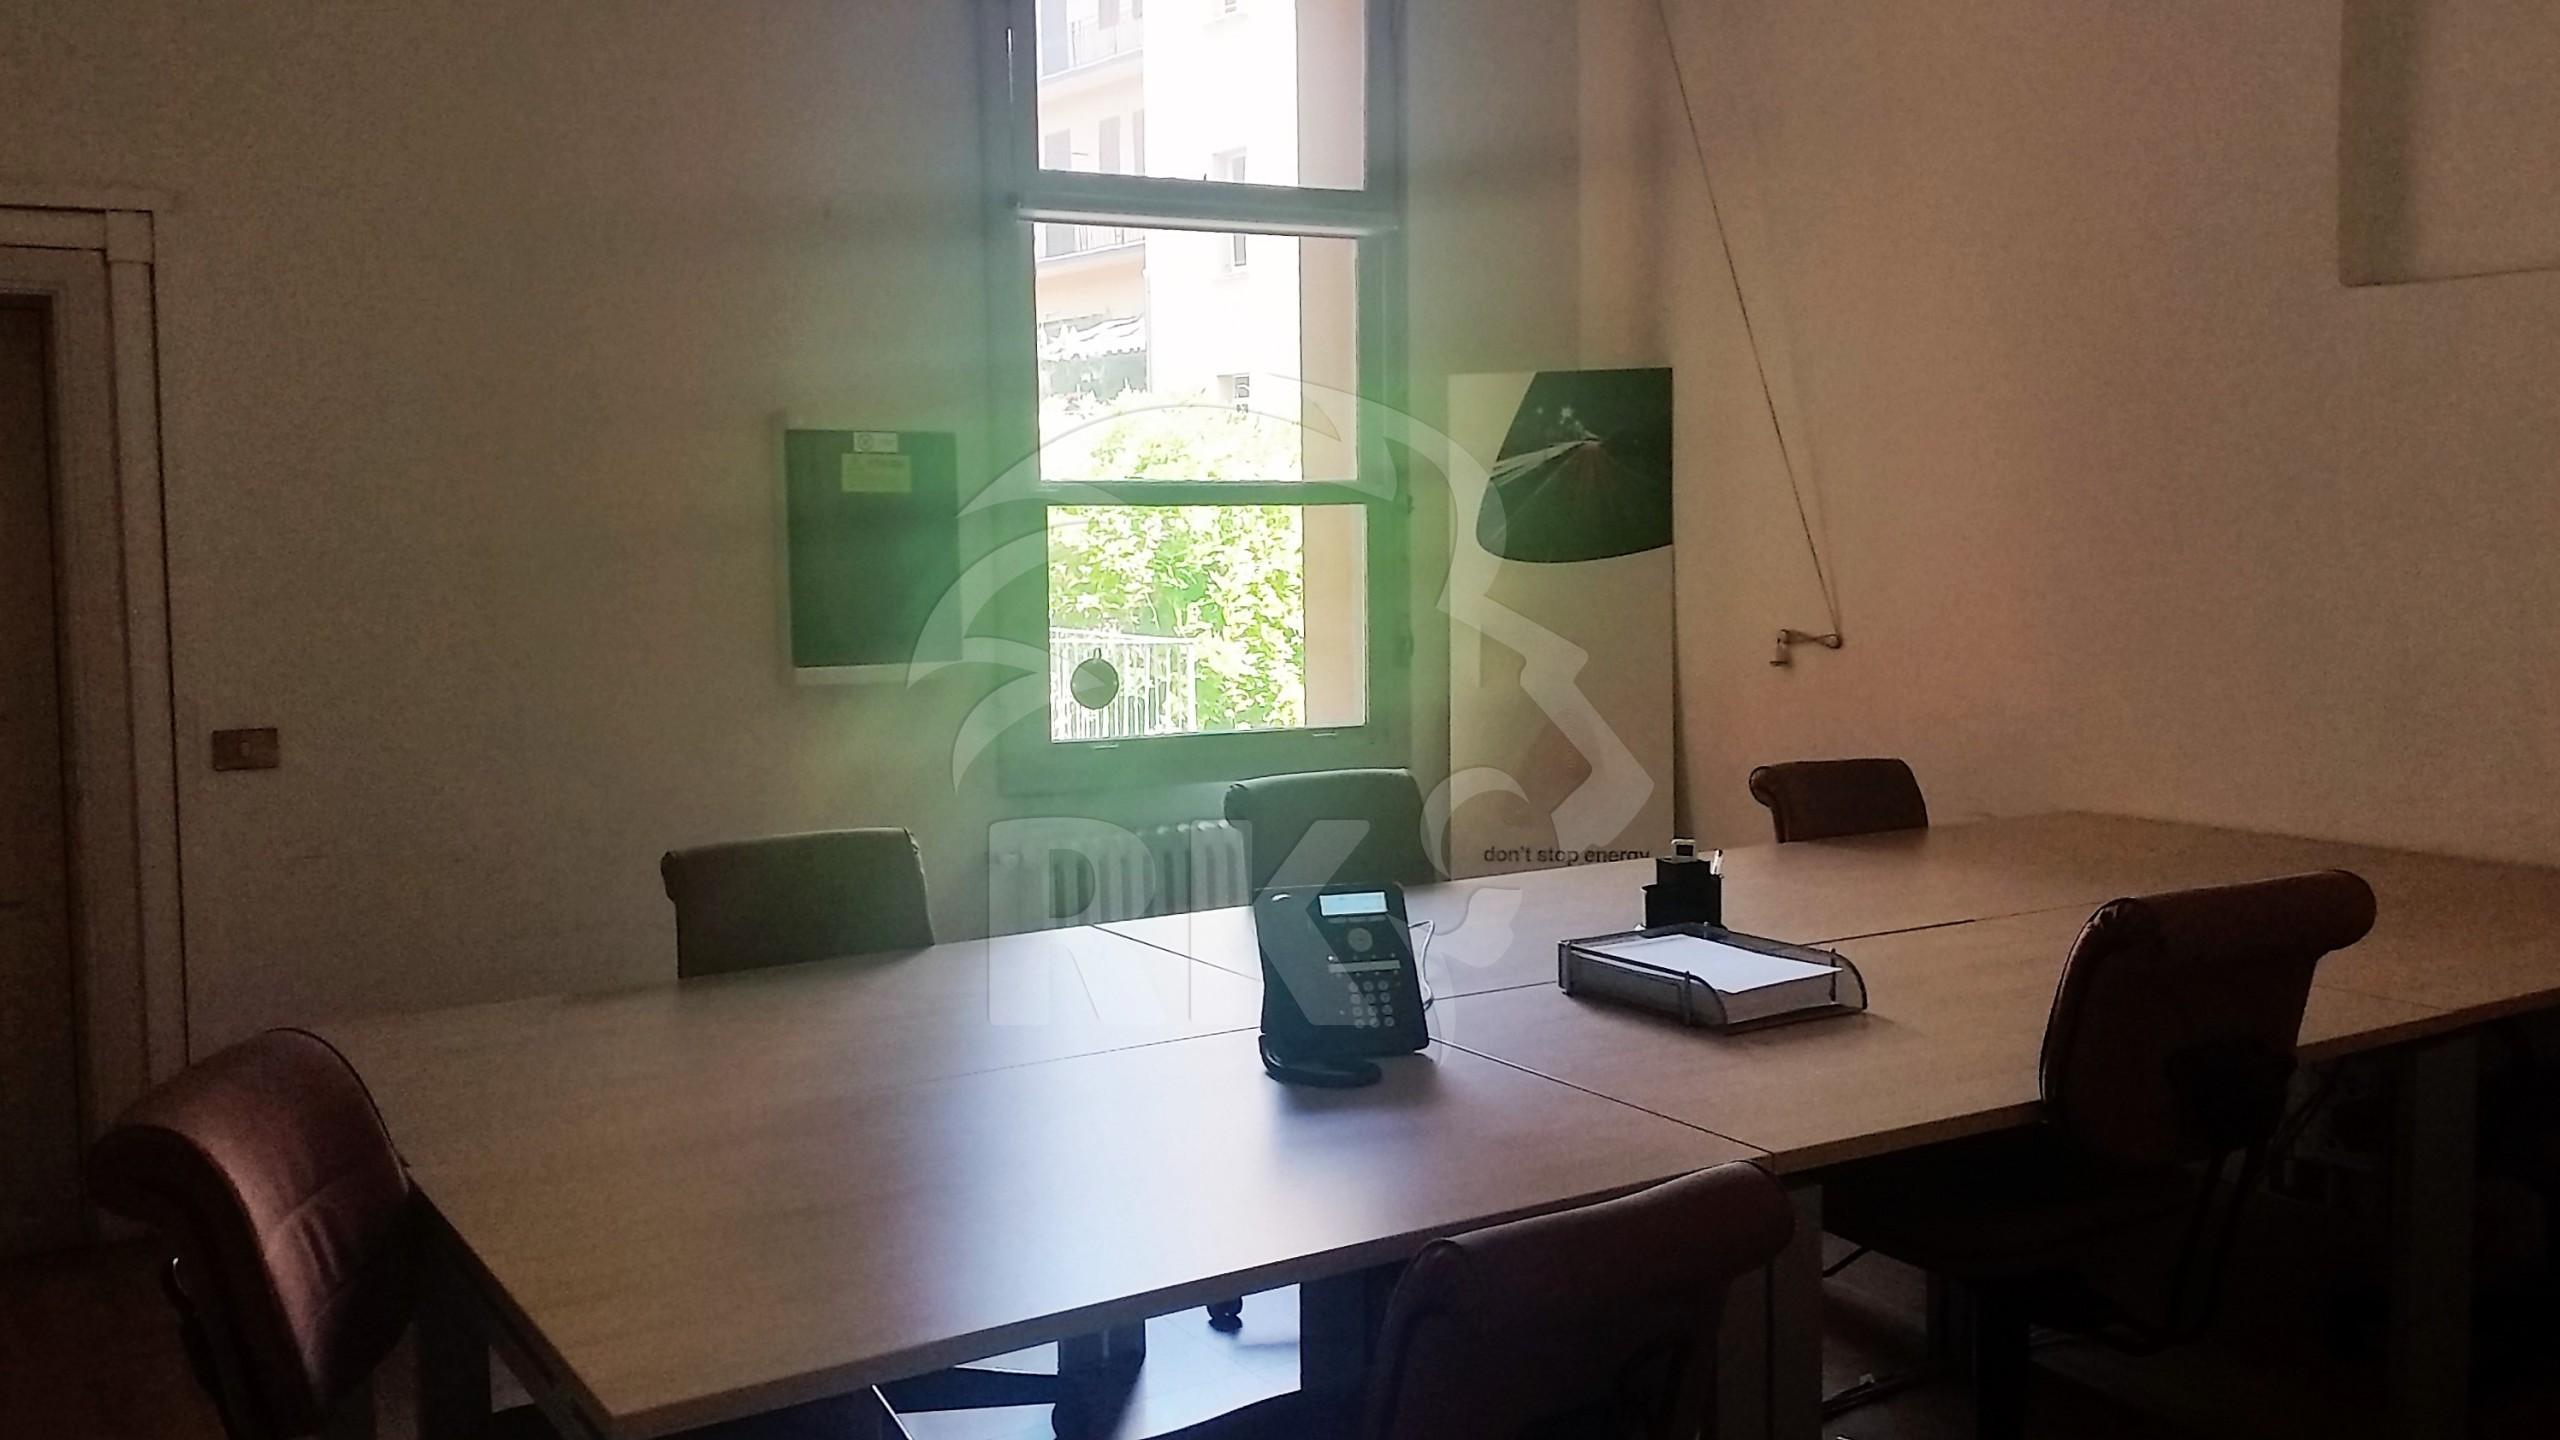 Ufficio in affitto bologna centro storico via indipendenza for Affitto ufficio centro storico